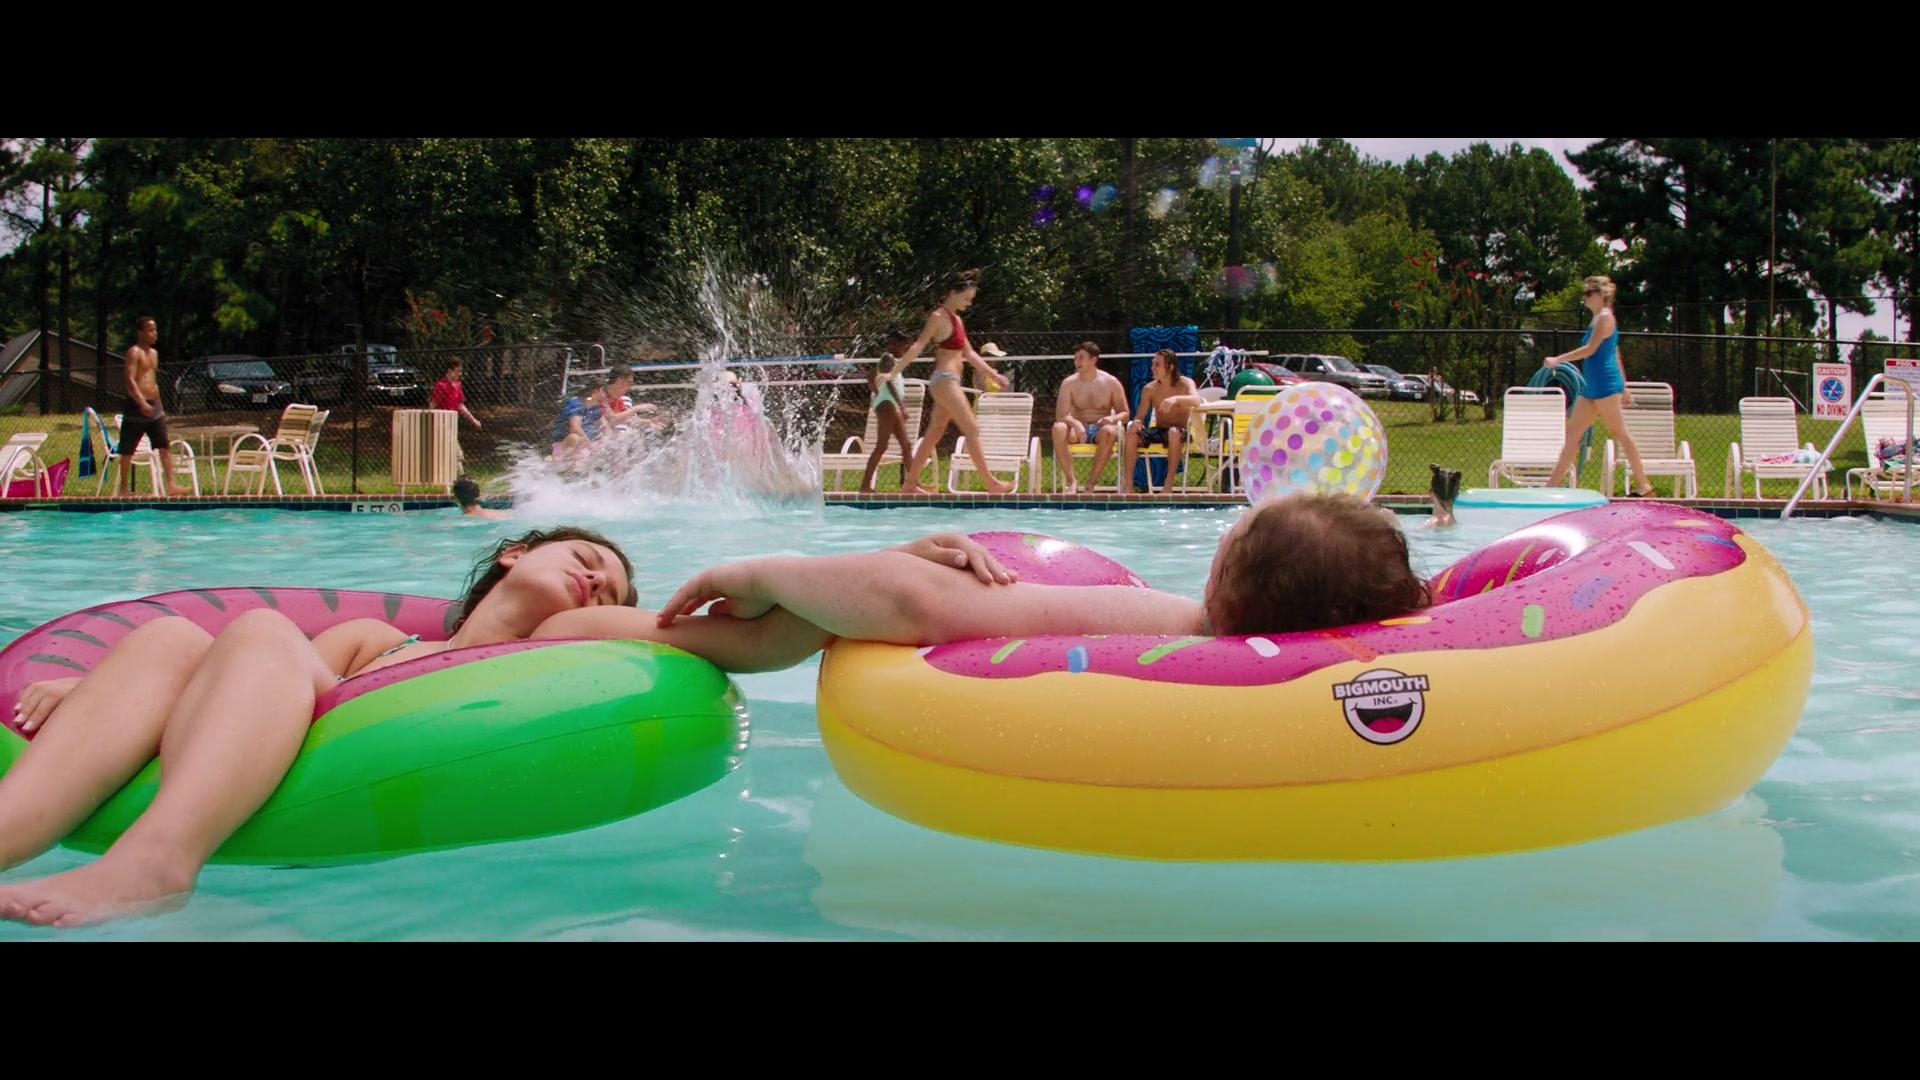 Bigmouth Inc Giant Watermelon Pool Float In Dumplin 2018